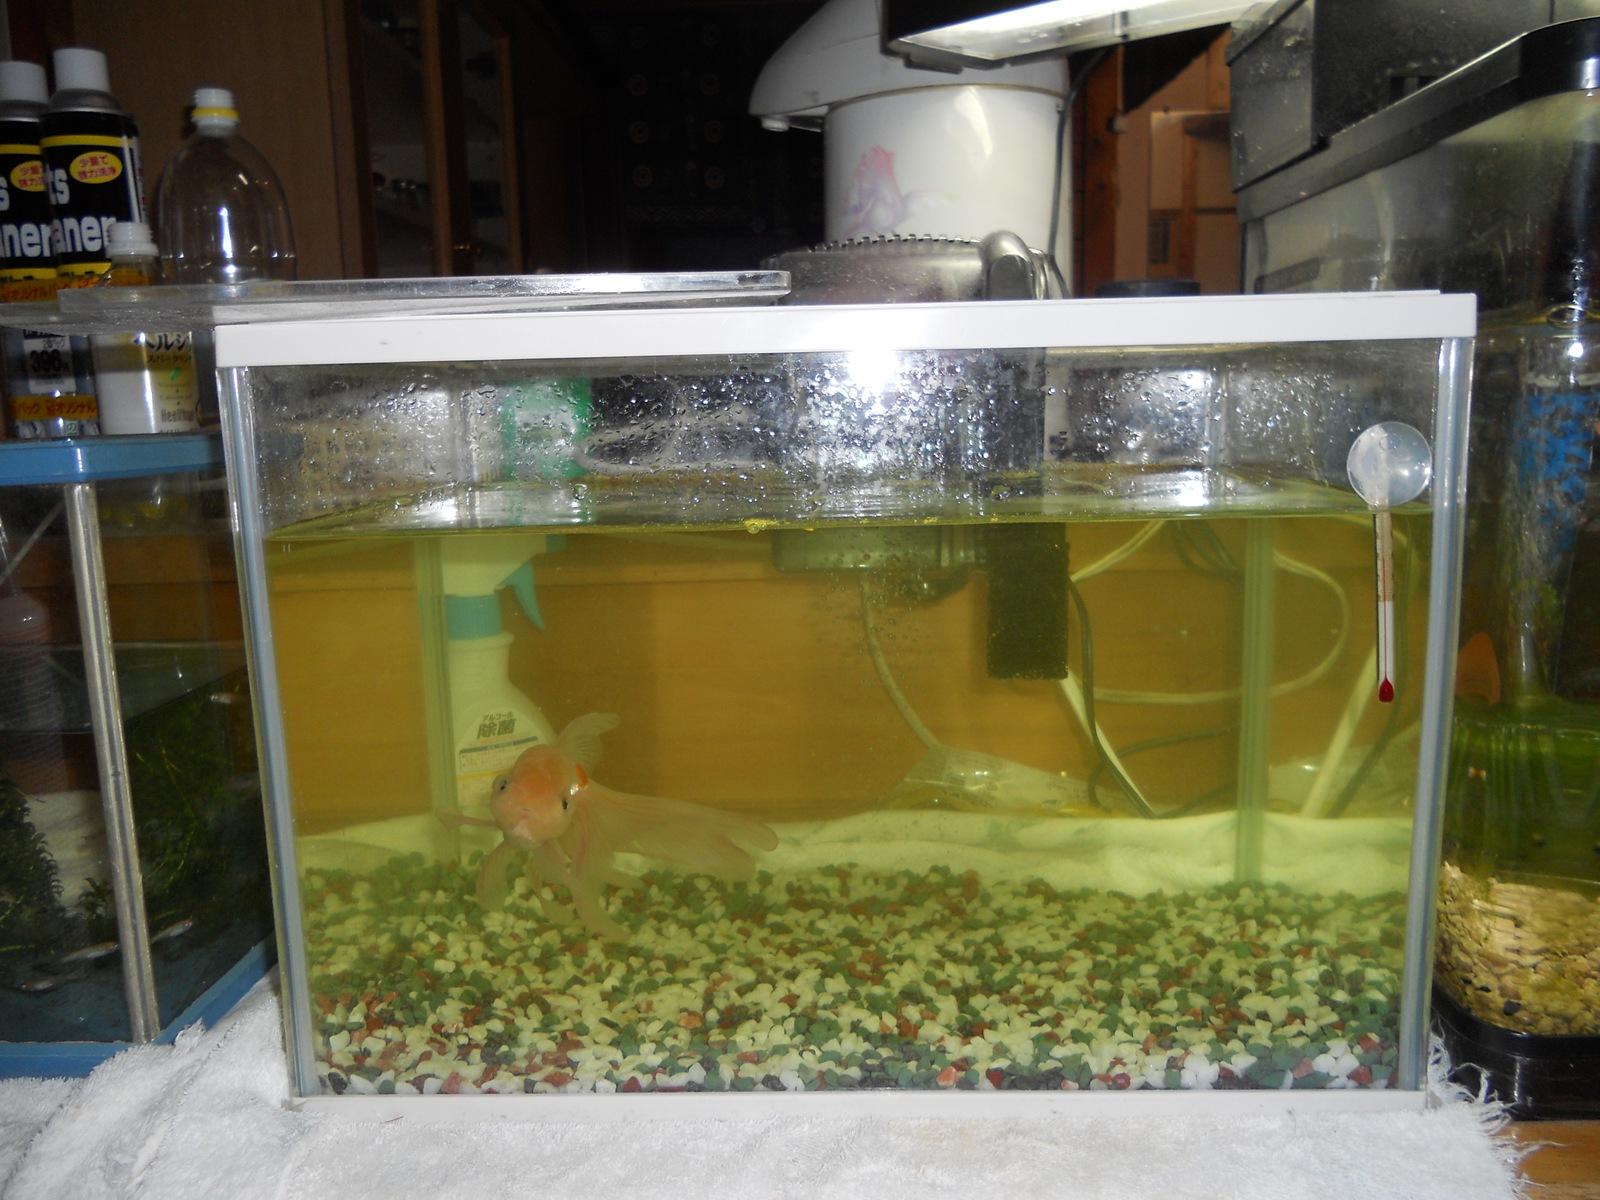 顆粒 グリーン f ゴールド グリーンFゴールドは水1ℓに対して規定量はどれだけですか?